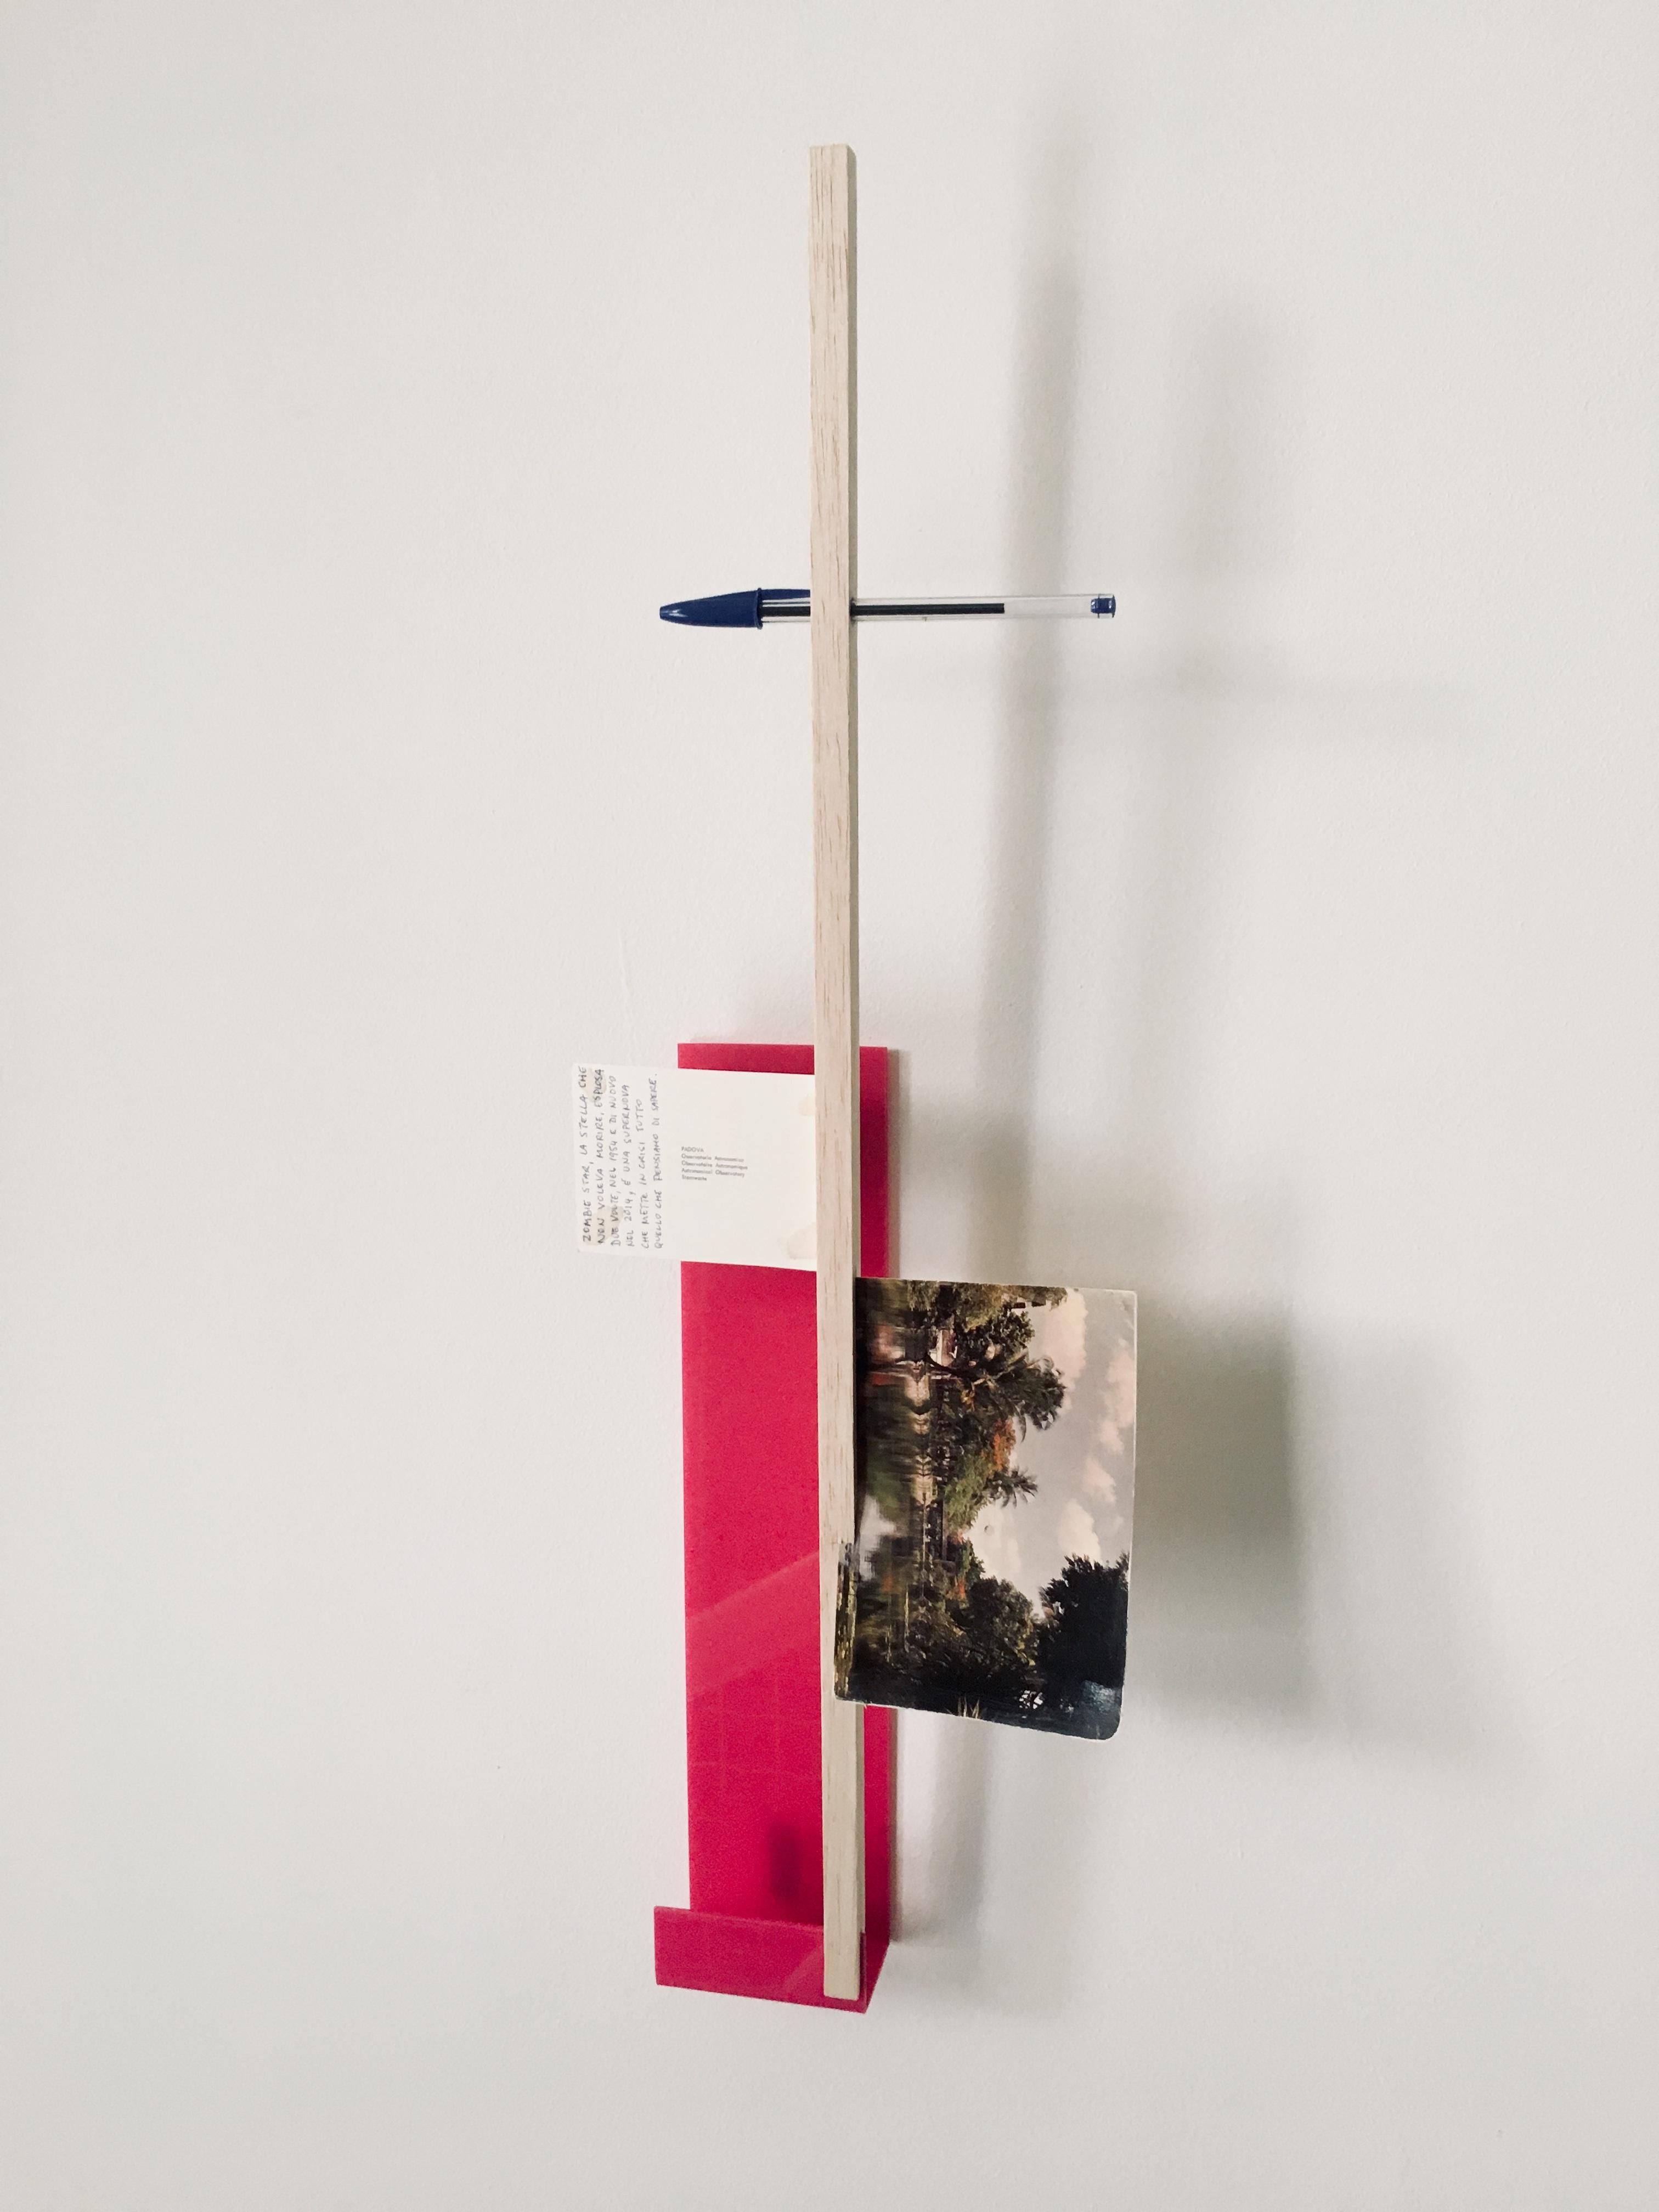 Gê Orthof, Máquinas mínimas, Padova Ho Chi Minh, acrílico, postais, balsa e bic, desenho assemblage, 63 x 21 x 6 cm, 2018.